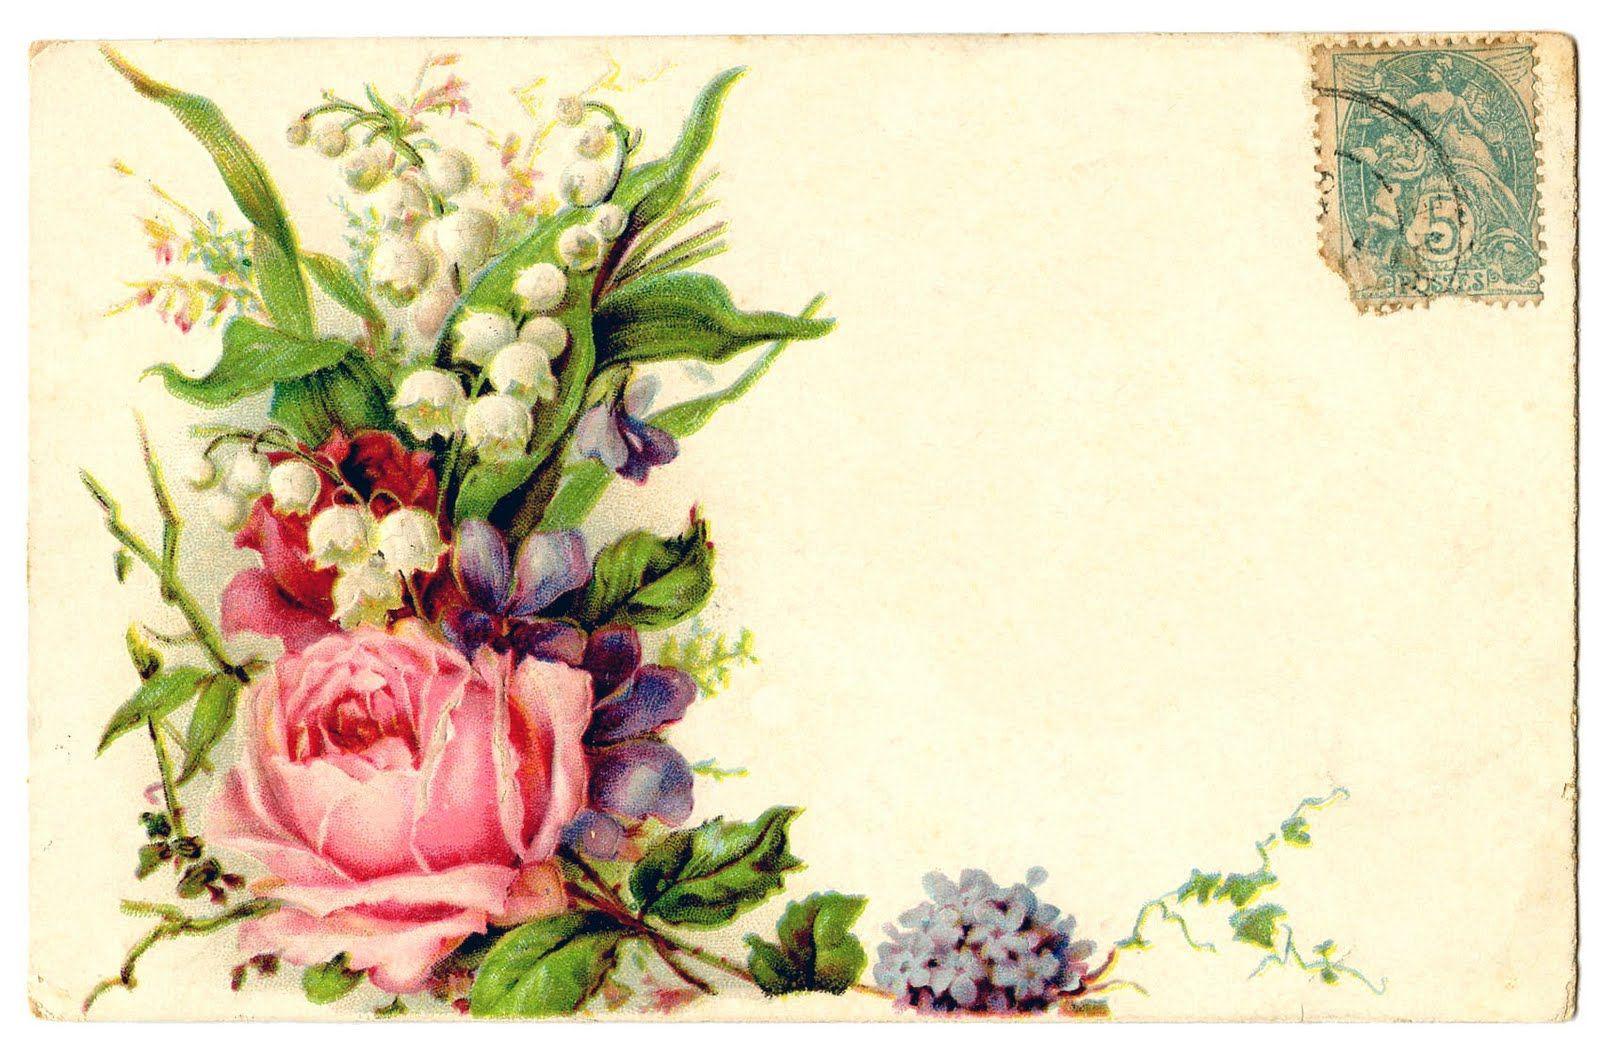 каких поздравления с днем рождения цветы картинки винтаж граждан есть